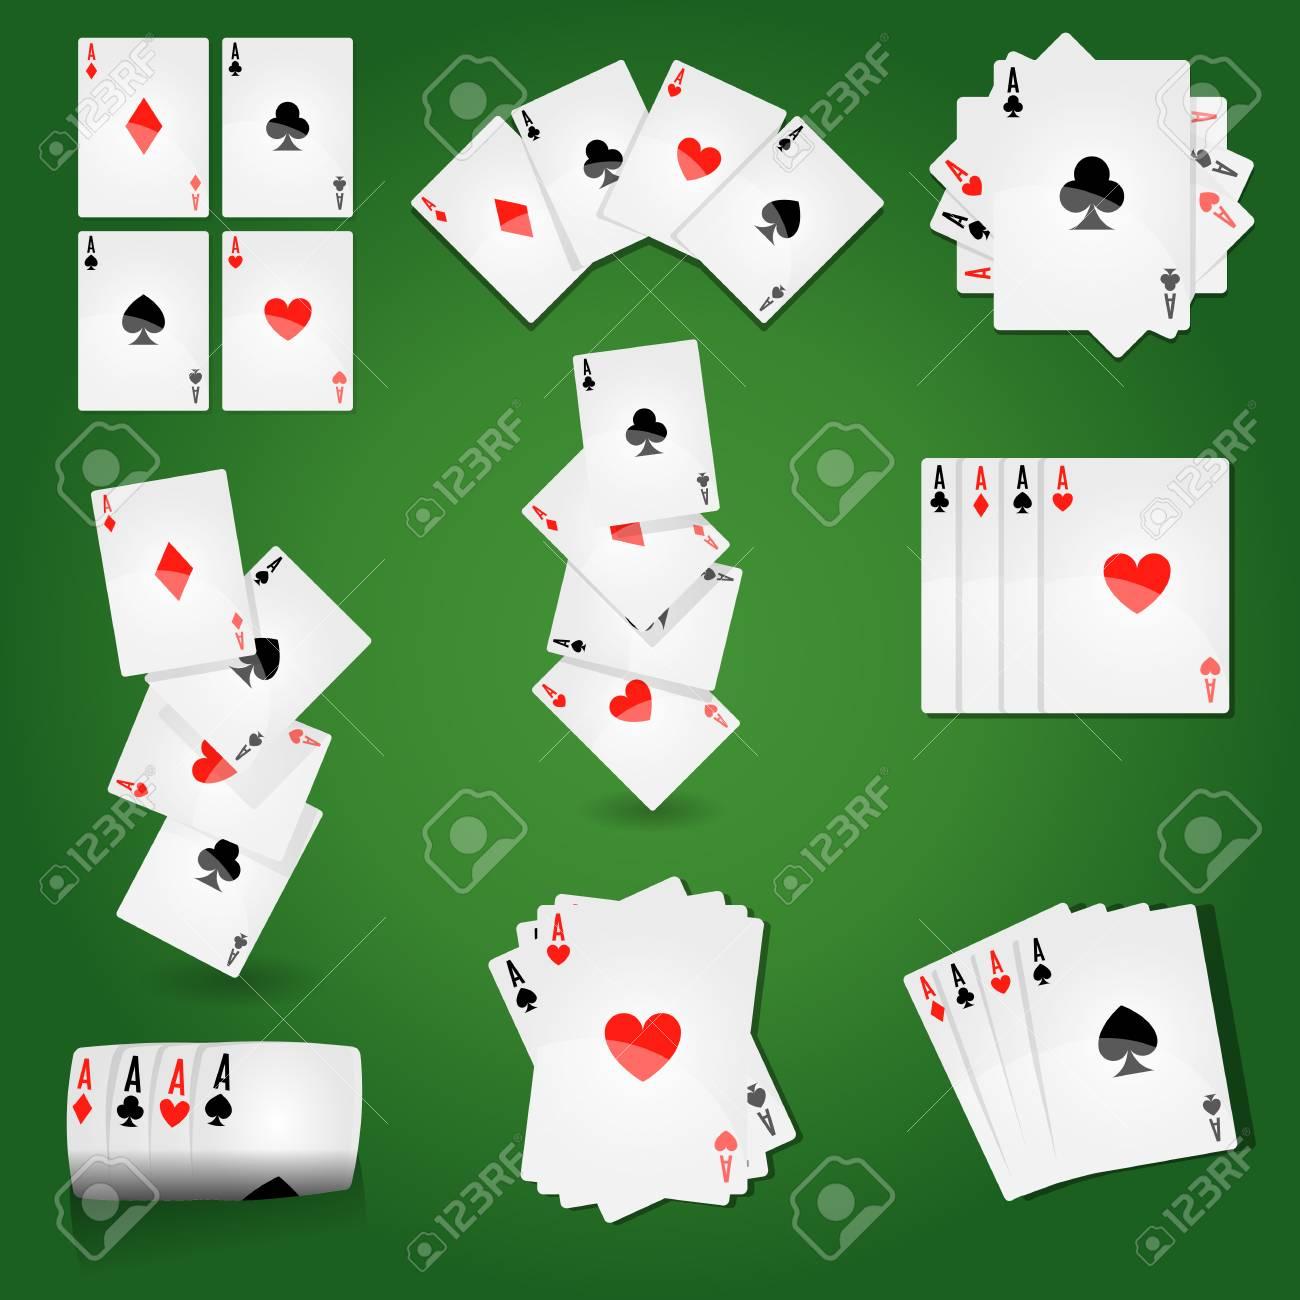 5970627033ea0 Carte da gioco per il poker da casinò o il solitario. Vector le icone del  mazzo di carte con i semi dei cuori dell asso